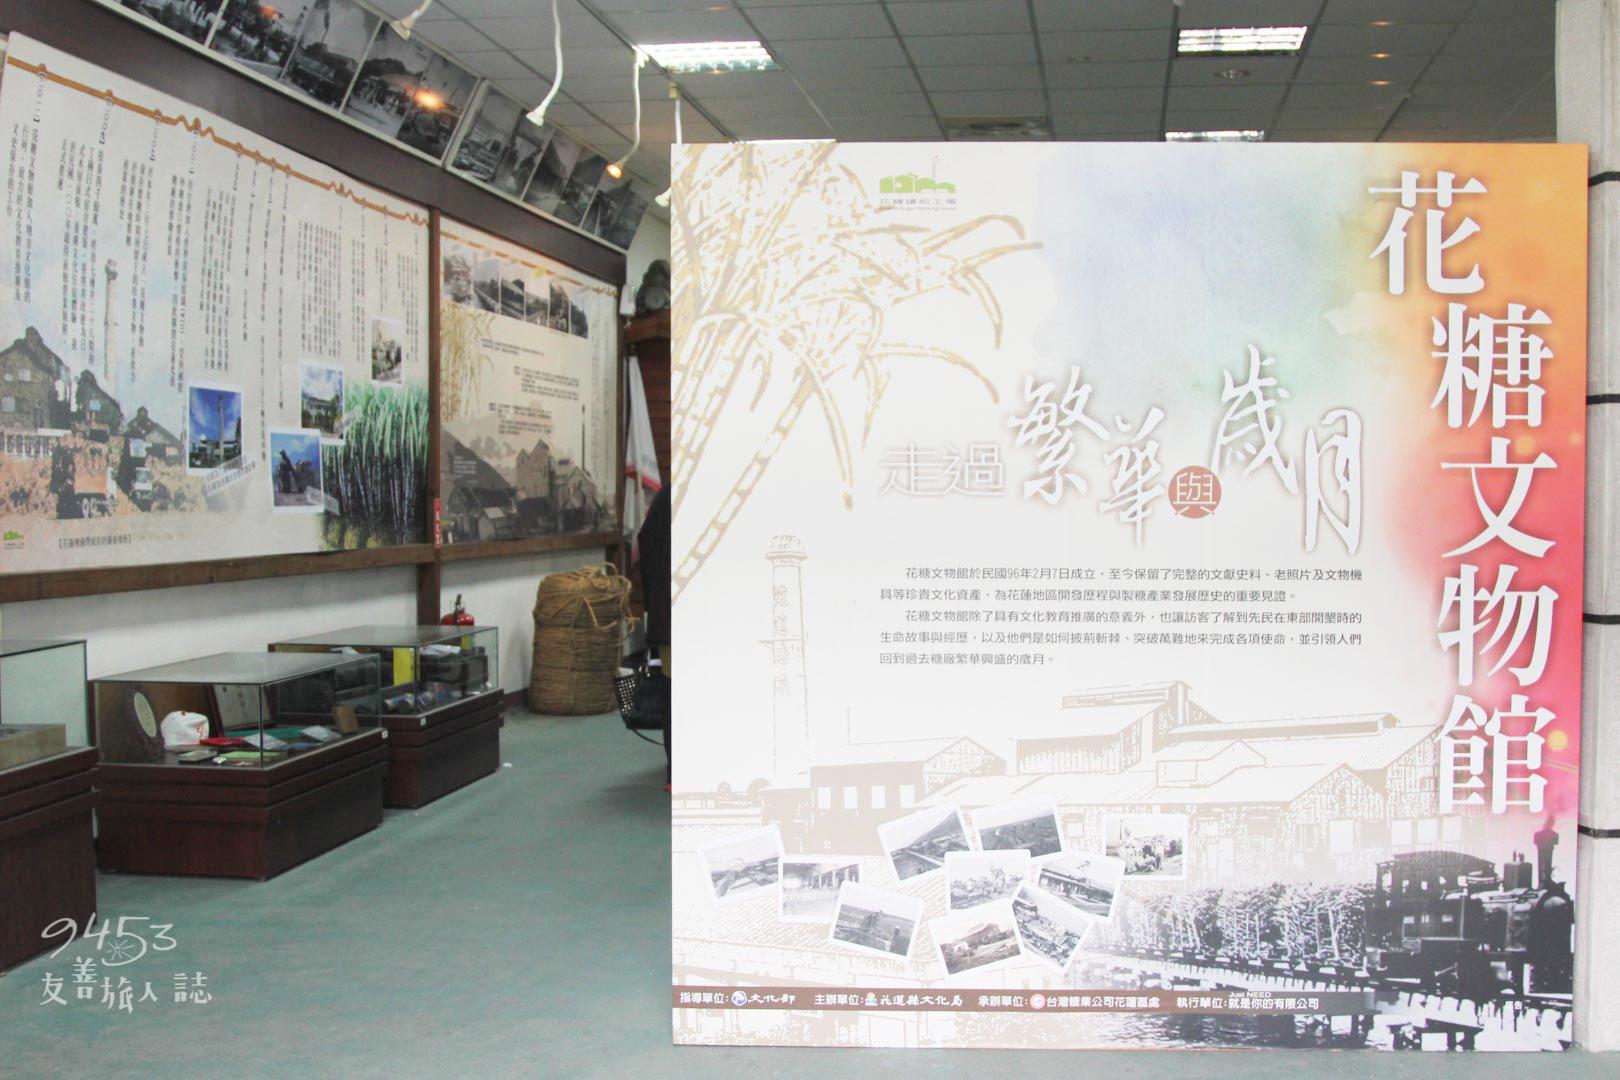 糖廠文物館